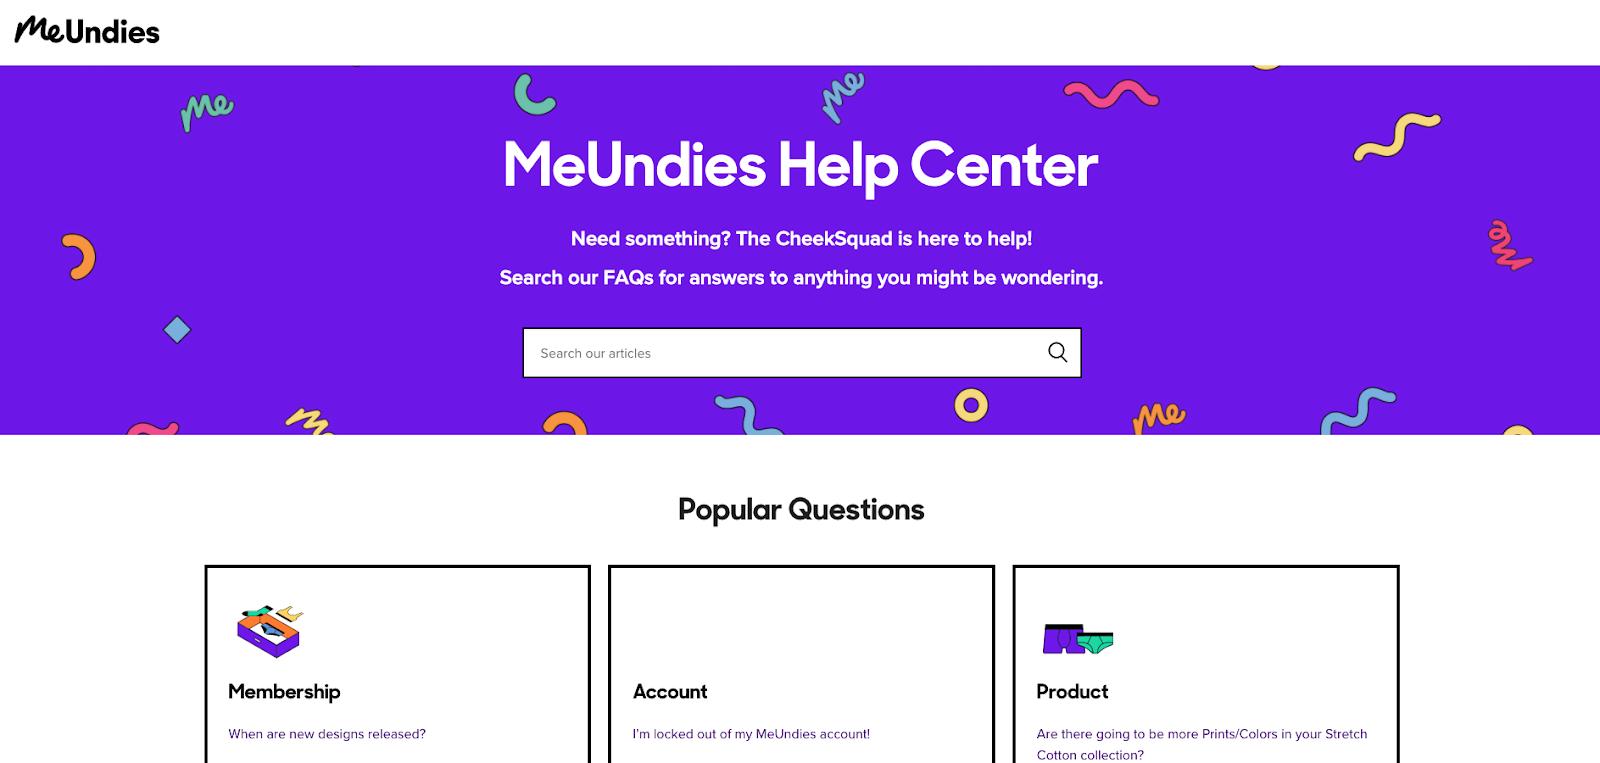 MeUndies Contact Page